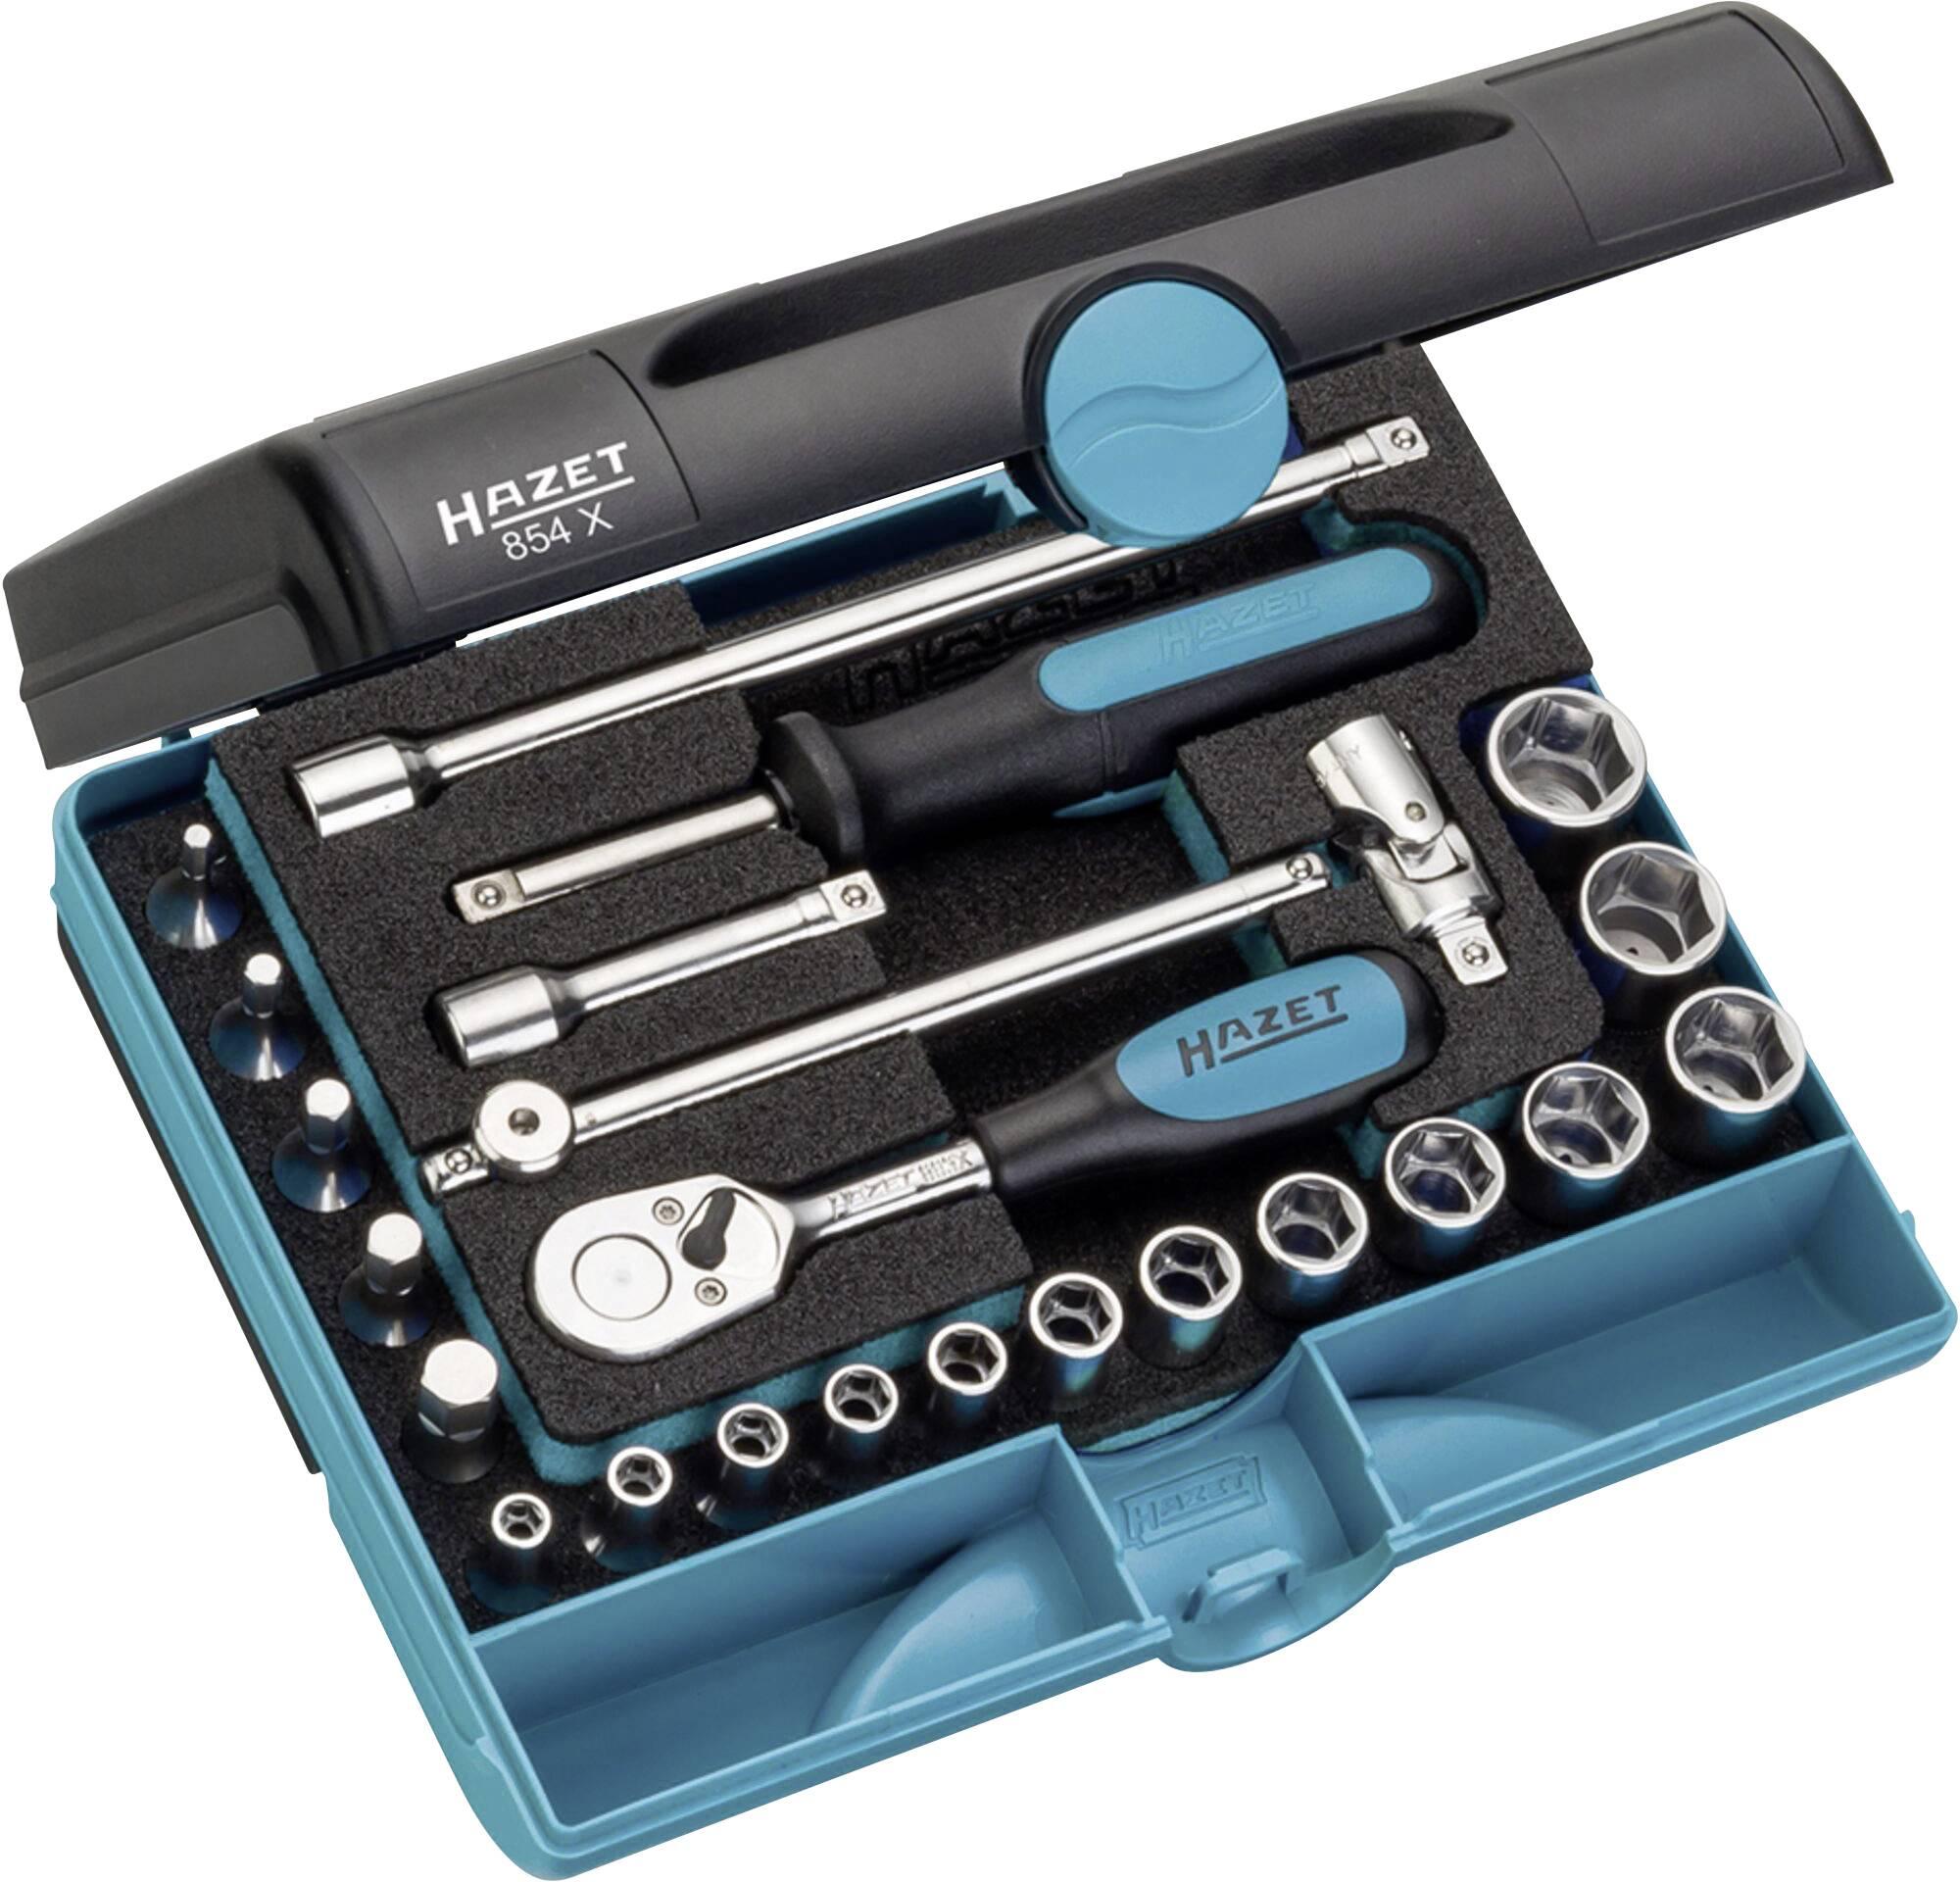 """Sada nástrčných klíčů Hazet, 6,3 mm (1/4""""), 24 ks"""